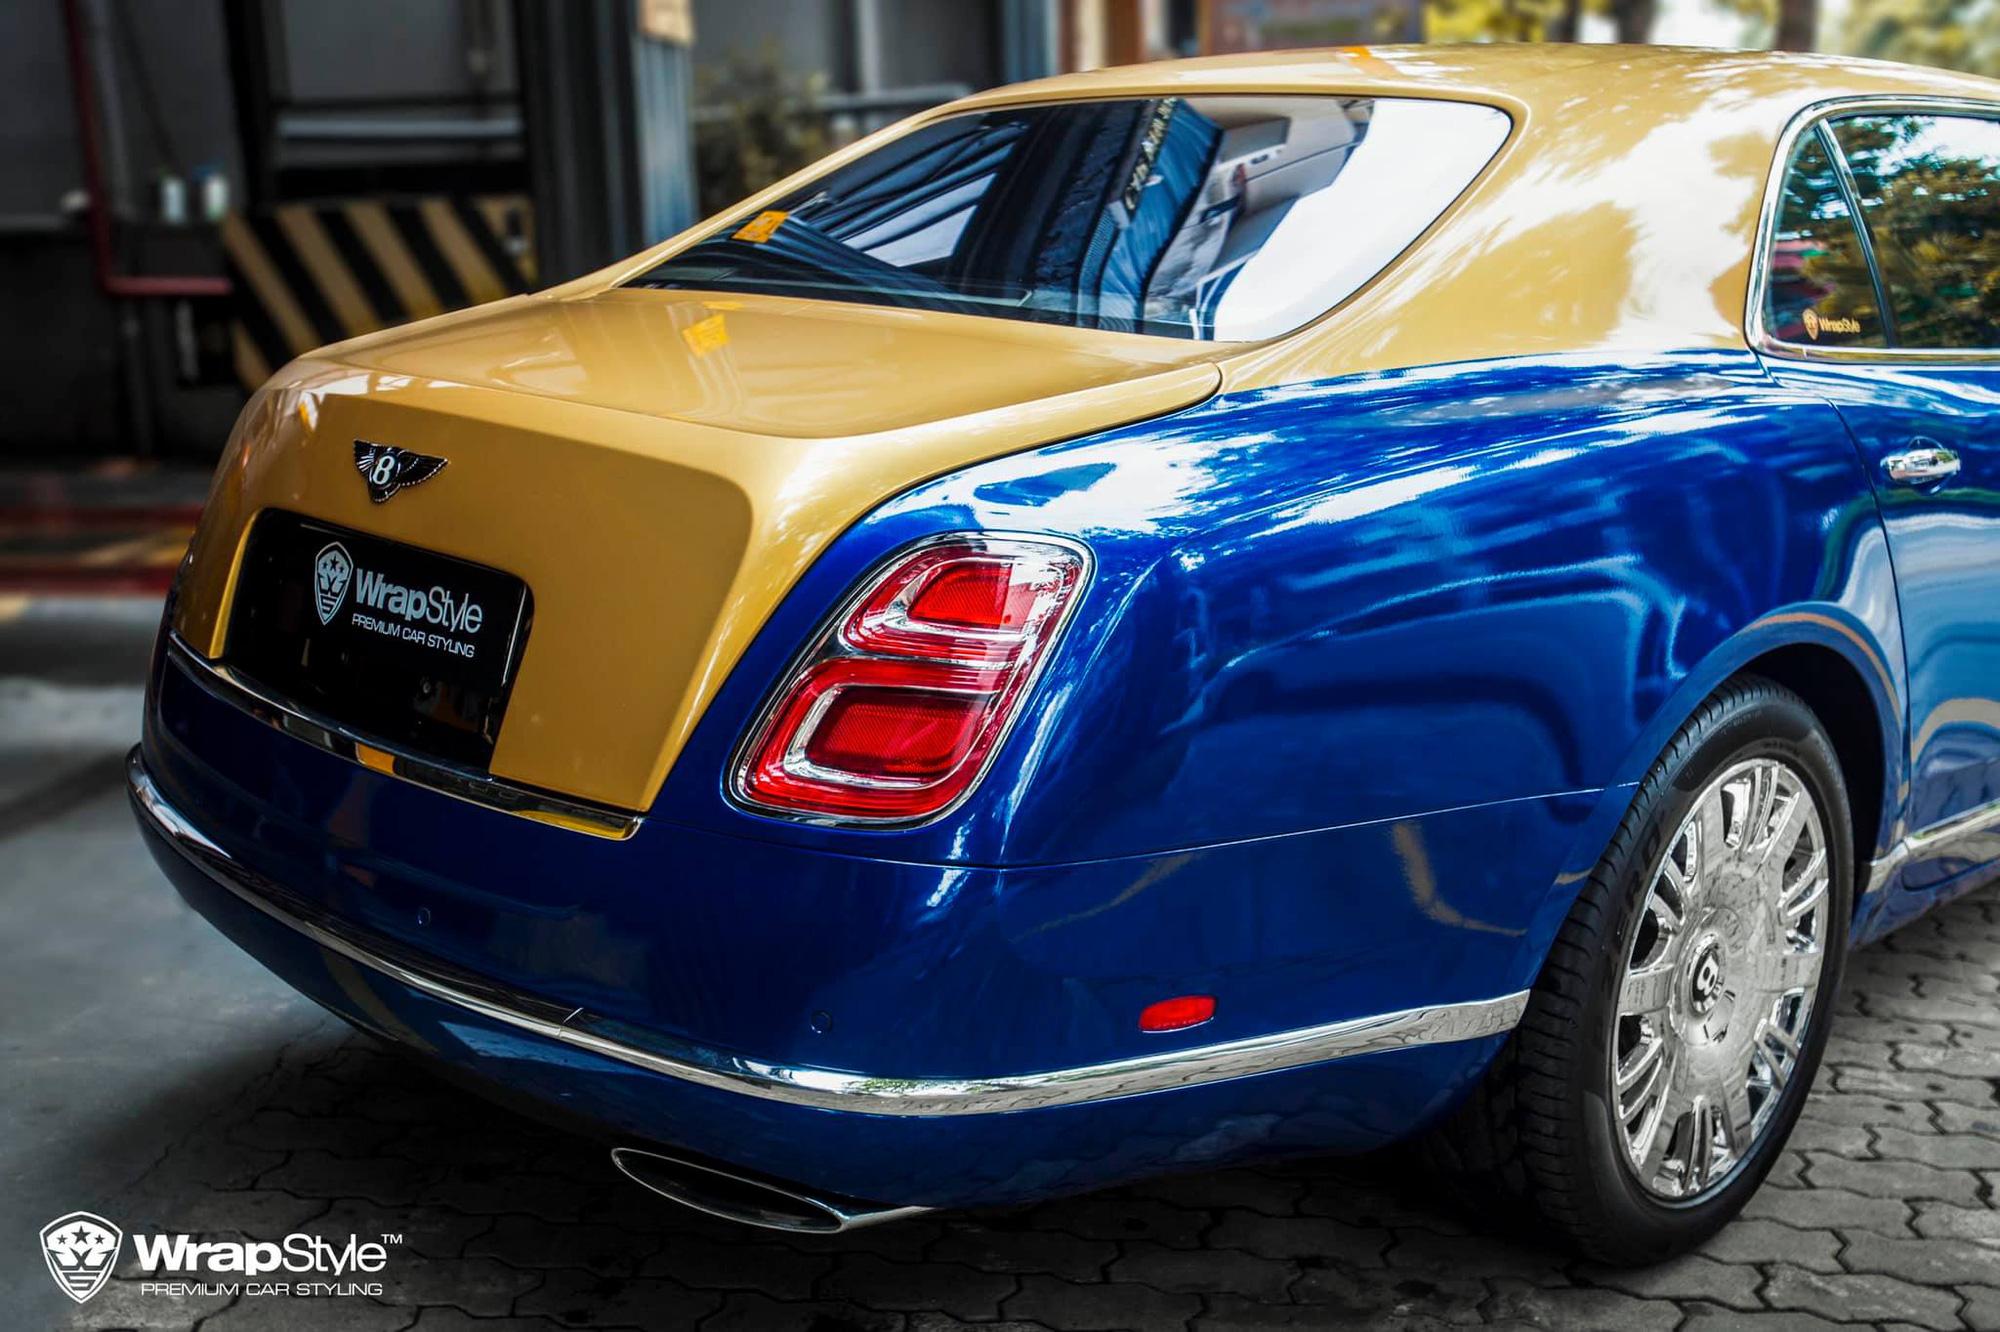 Phong cách hai tông màu xuất hiện trên khá nhiều mẫu siêu xe, siêu sang, xe sang cũng như xe bình dân, tuy nhiên, chiếc Mulsanne này lại là chiếc đầu tiên sử dụng tông màu xanh dương - vàng đồng ở ngoại thất.